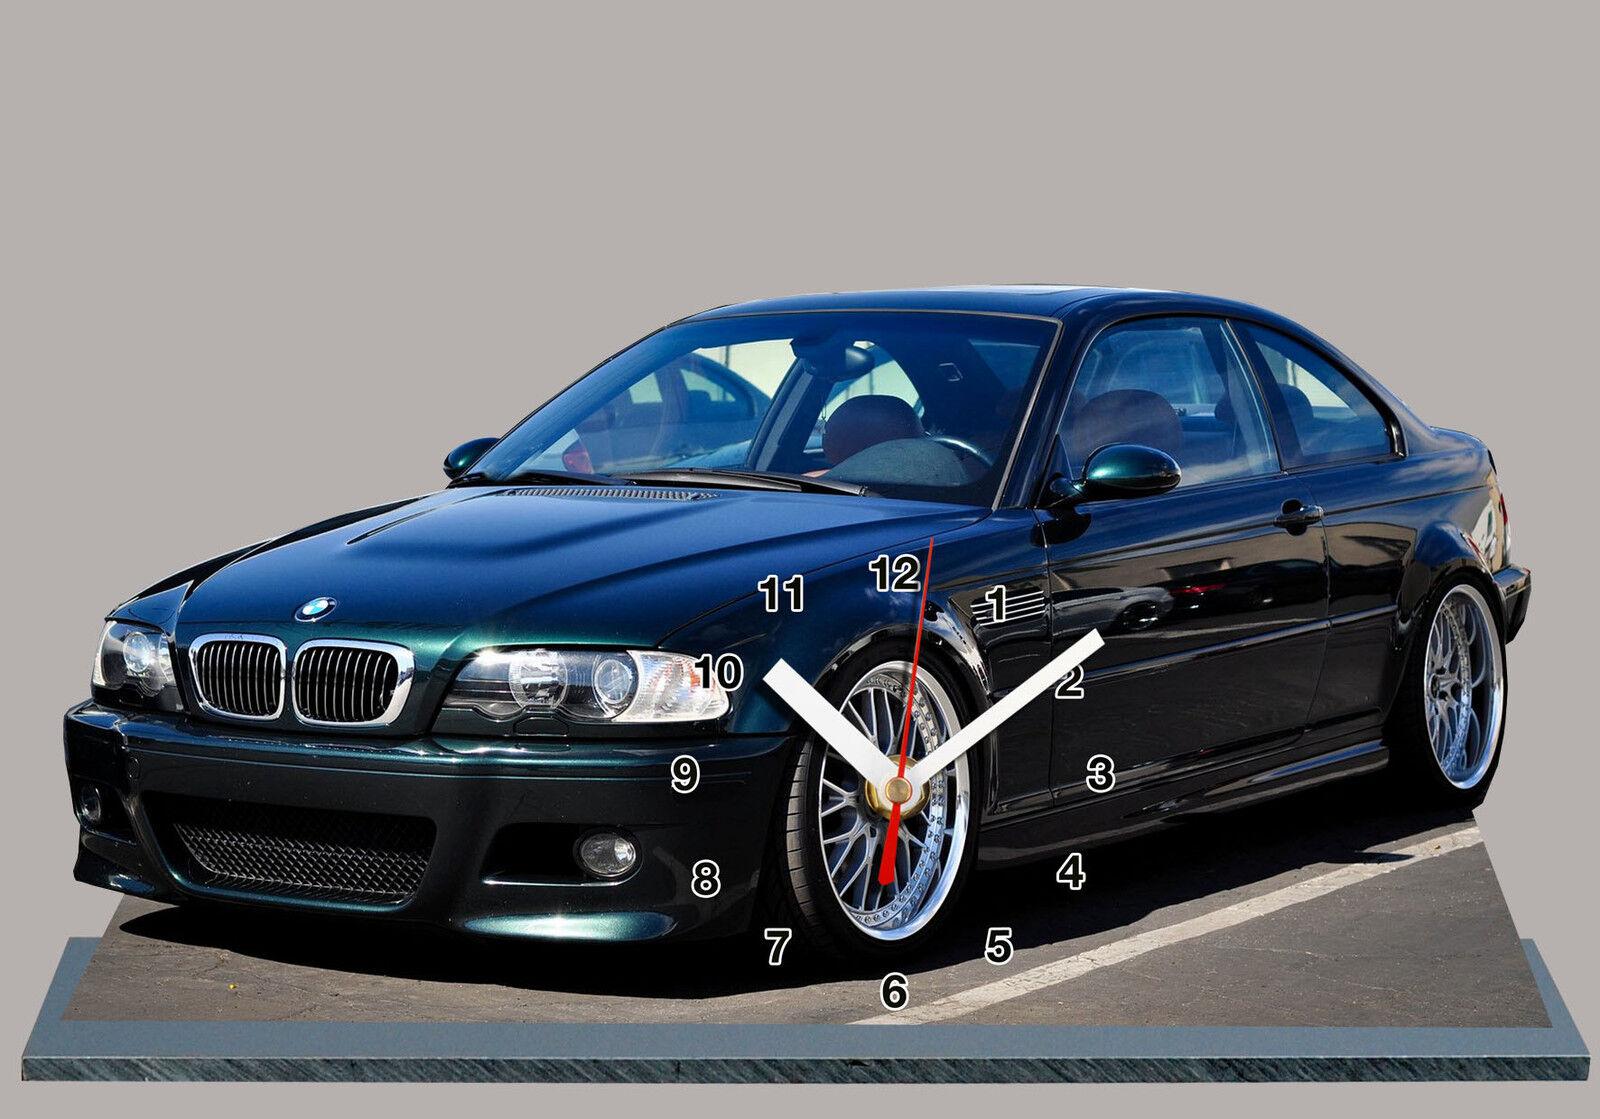 BMW M3-e46-02, MINIATUR MODELLAUTOS in der Uhr